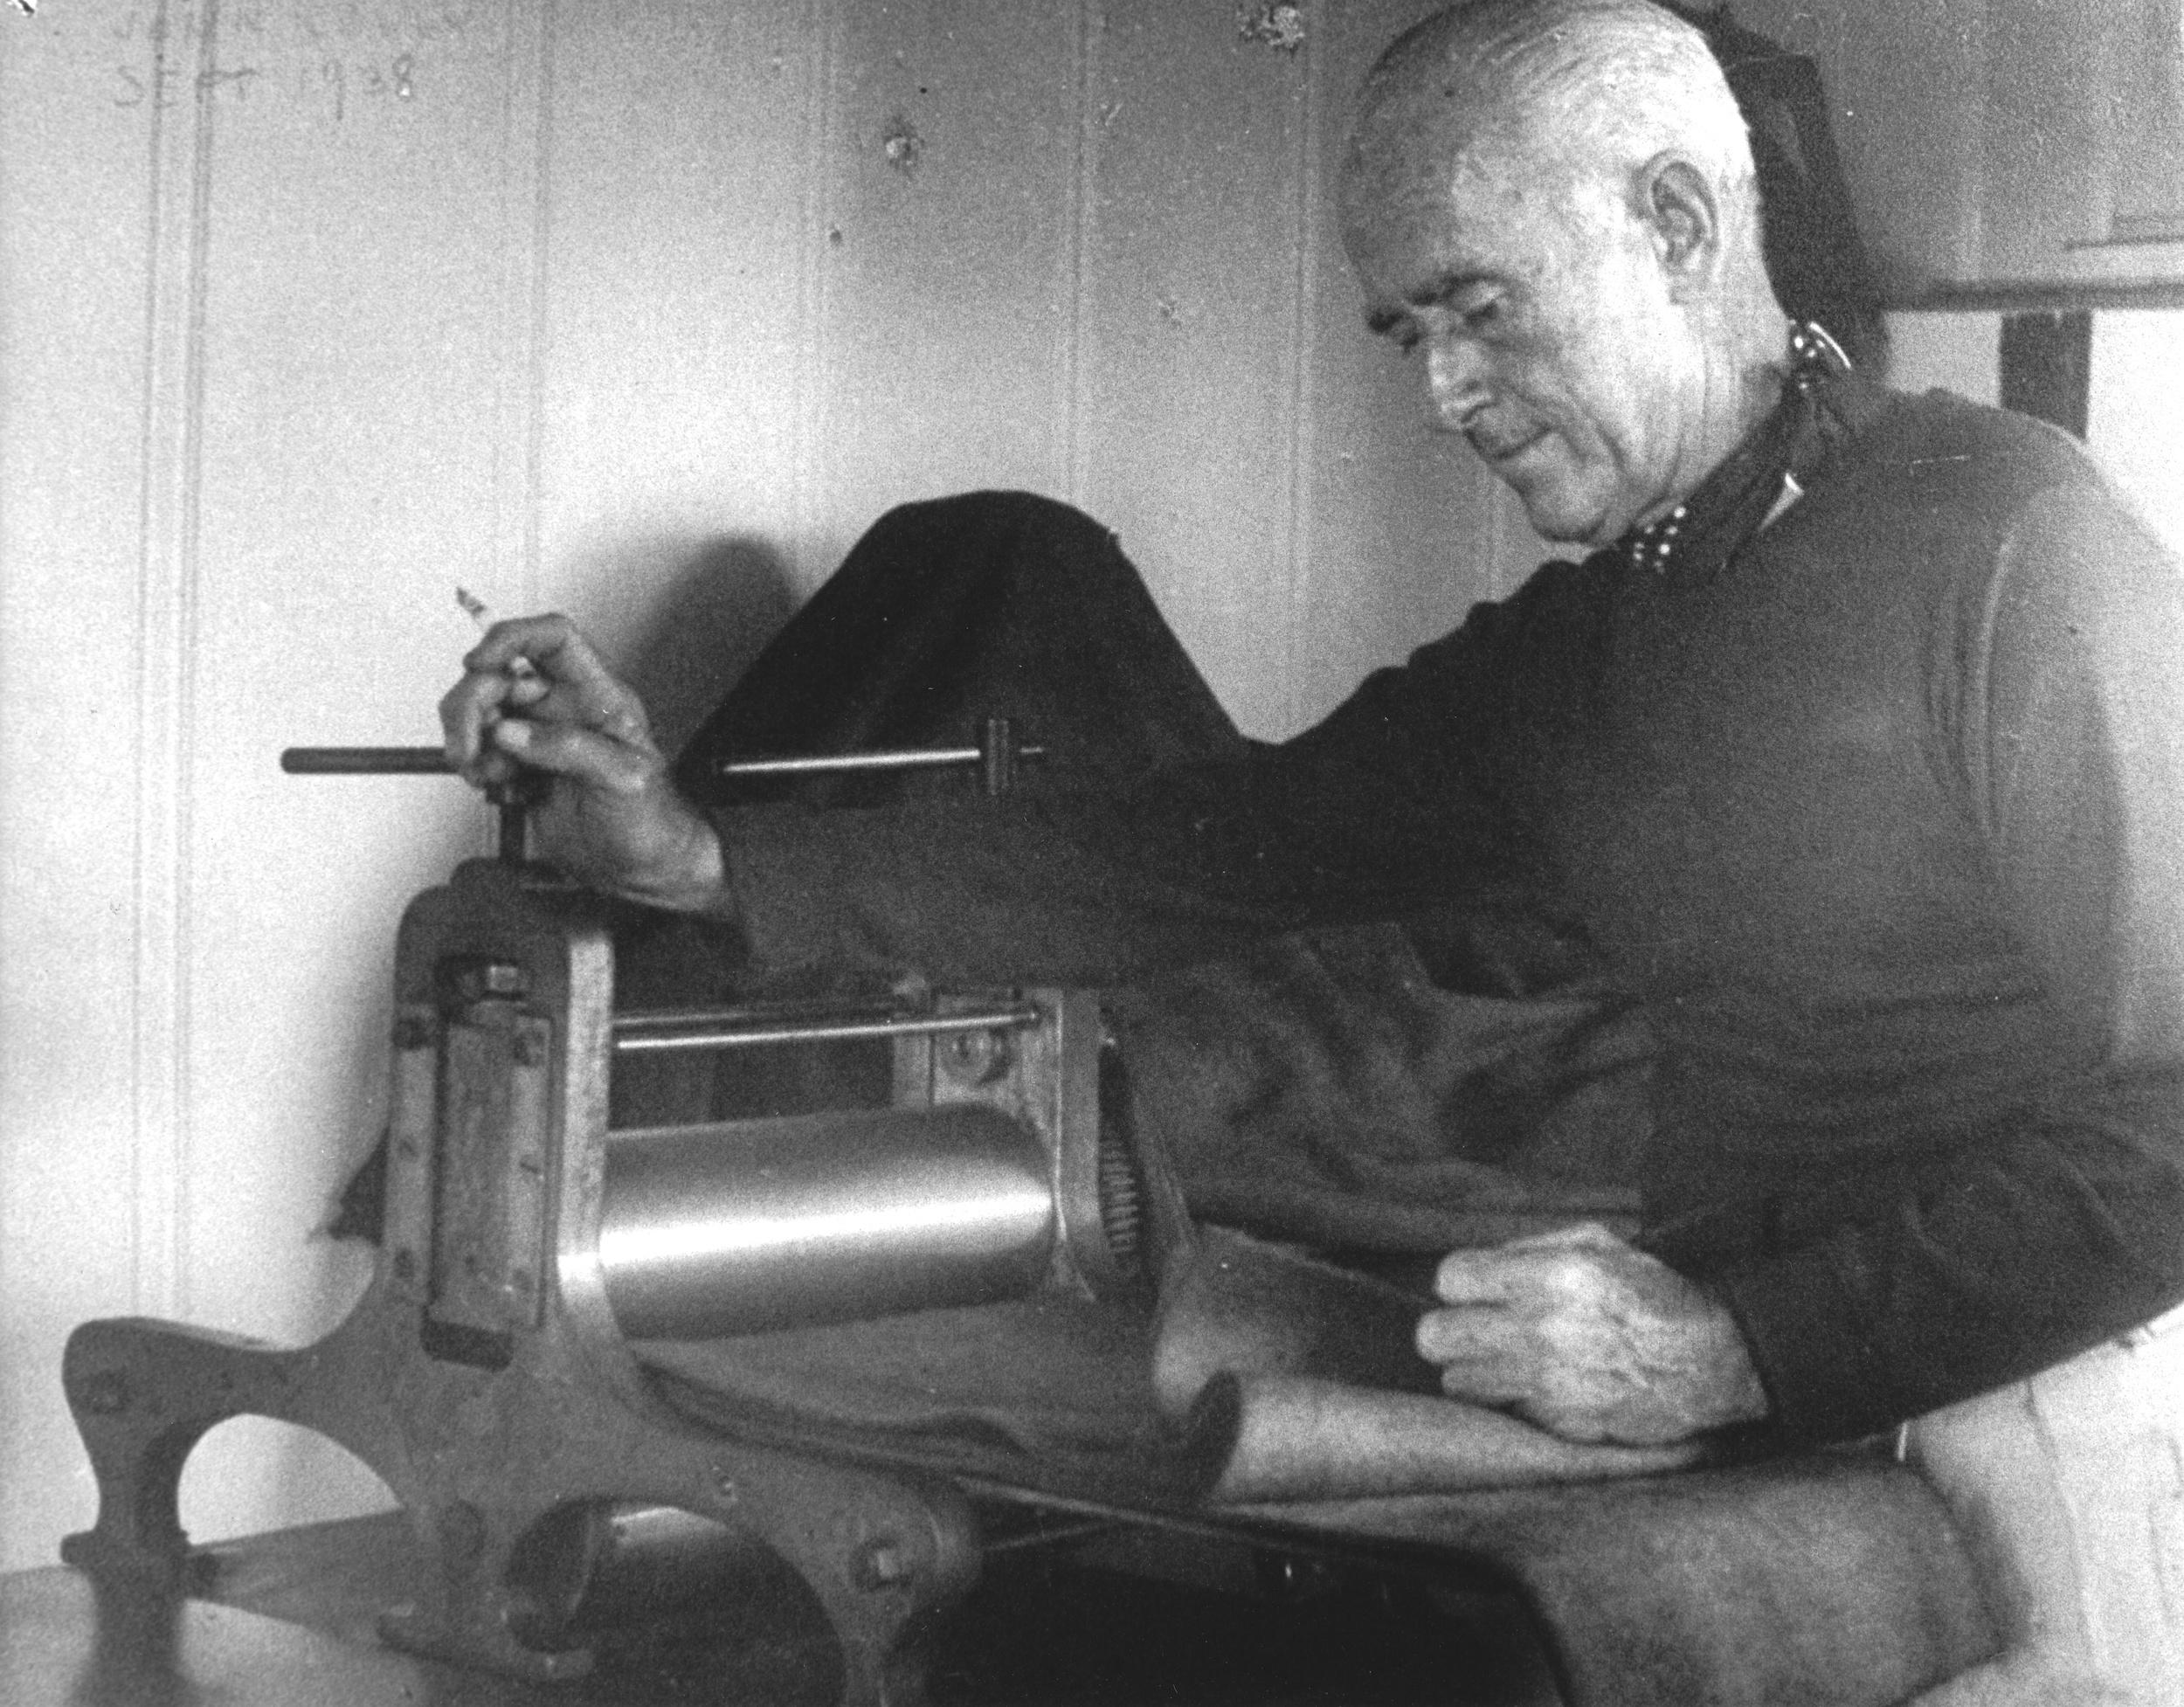 John Kelly at his press mid 1950's